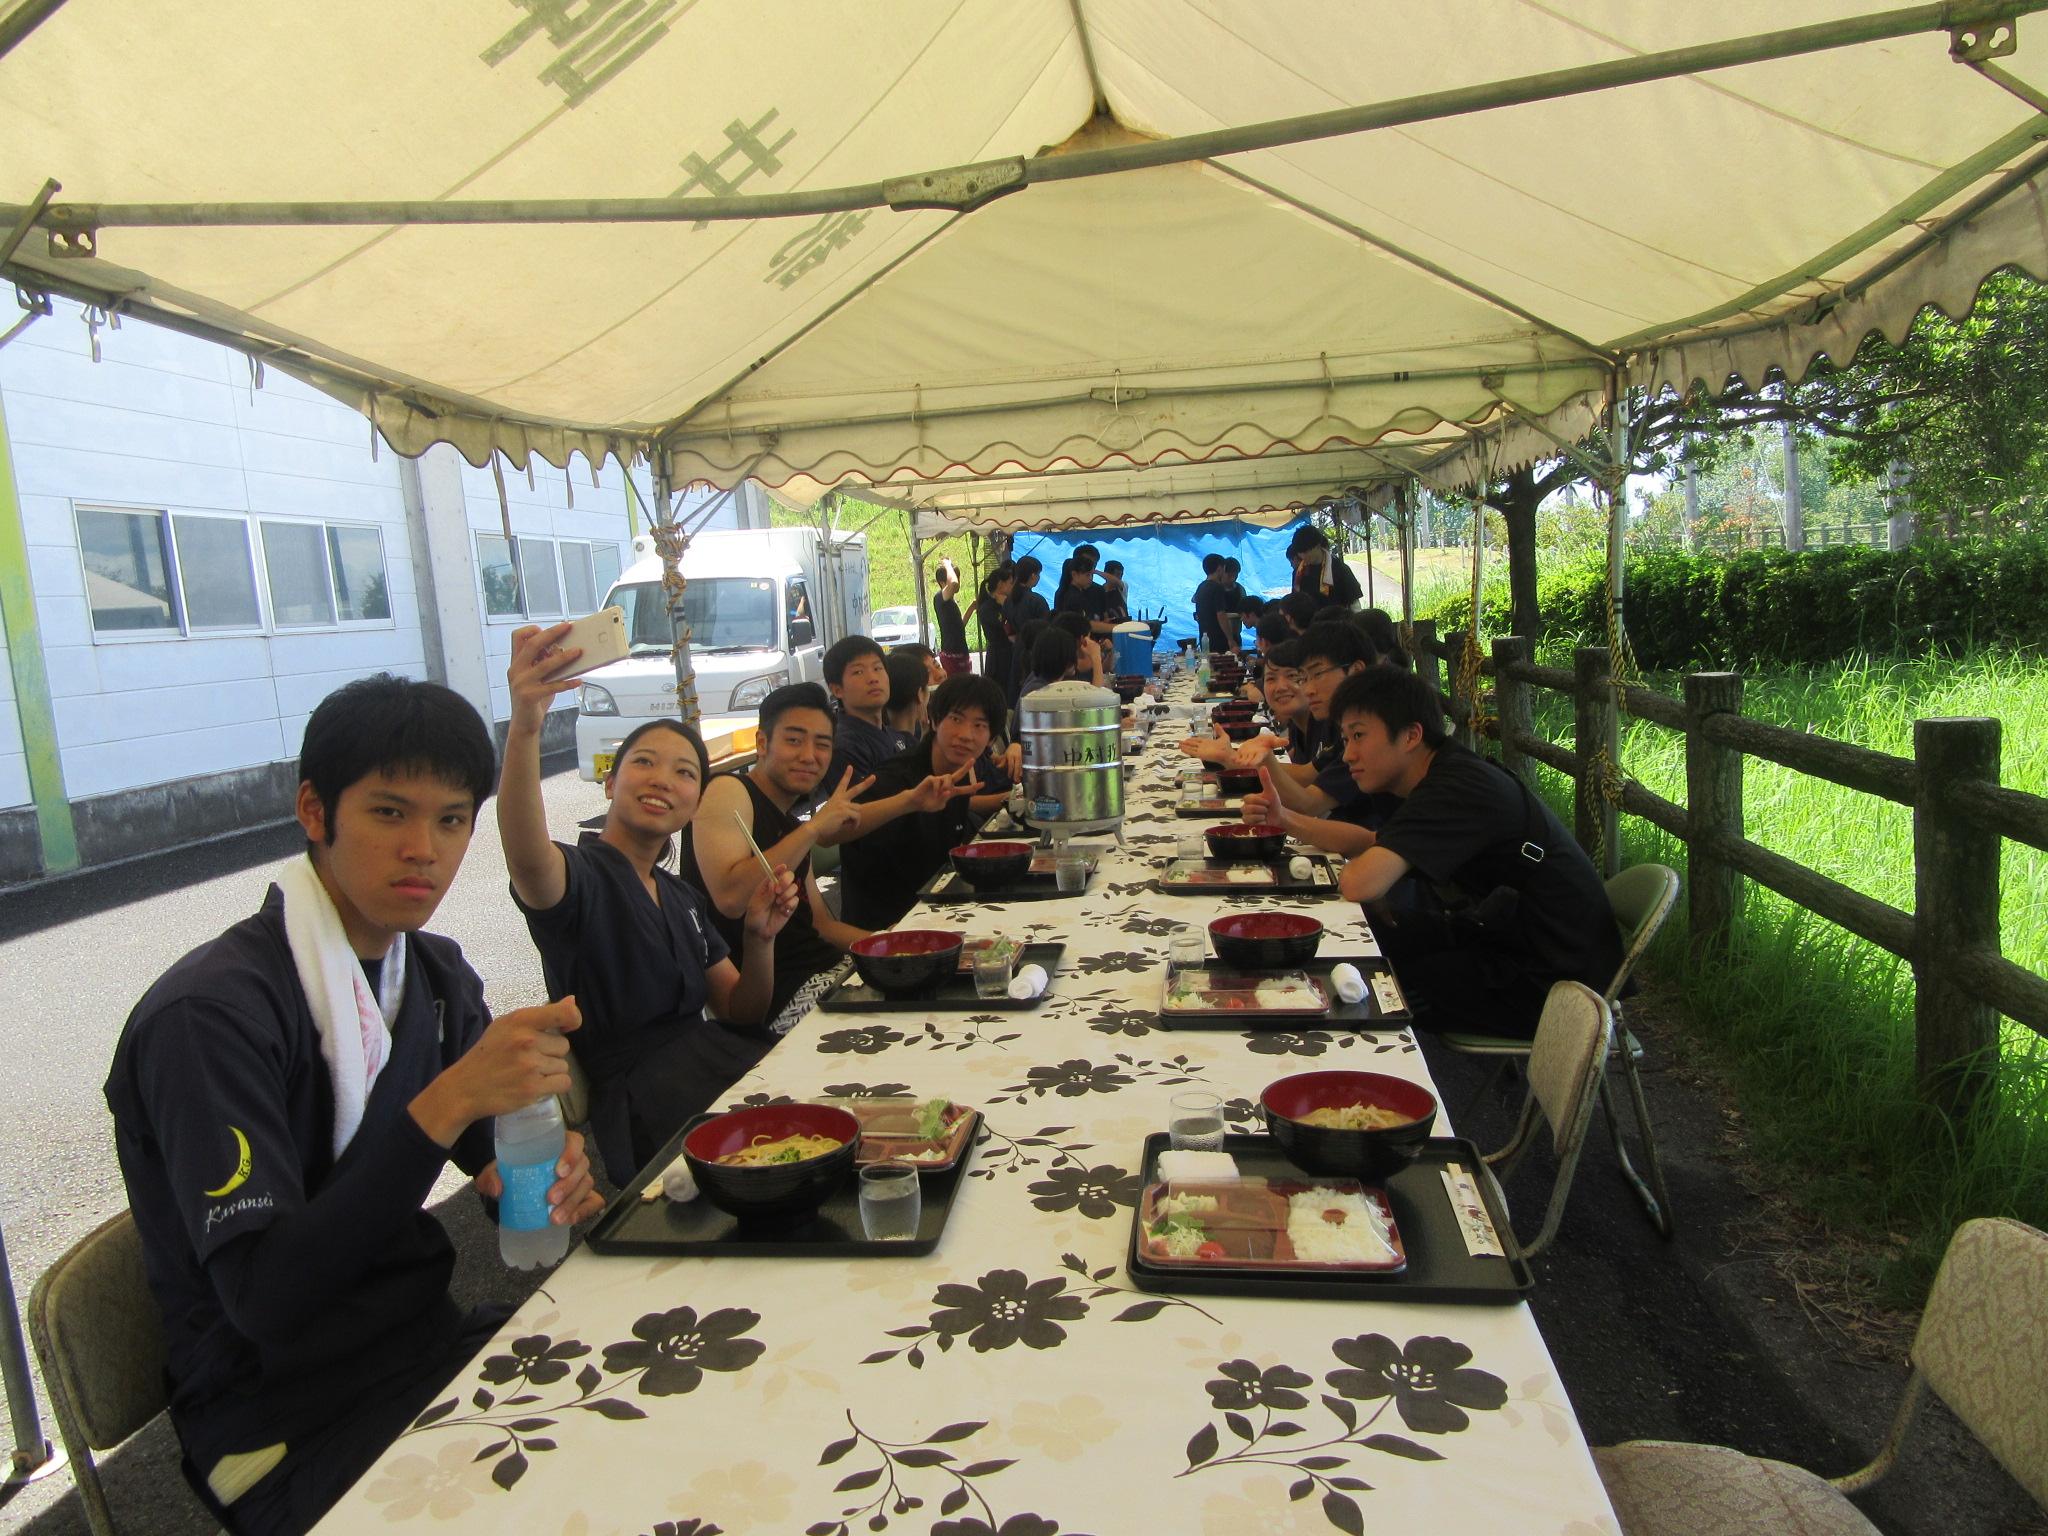 お昼は中村荘さんが道場近くにテントを設営して、毎日そこでお弁当と熱々の麺を茹でてくださいます